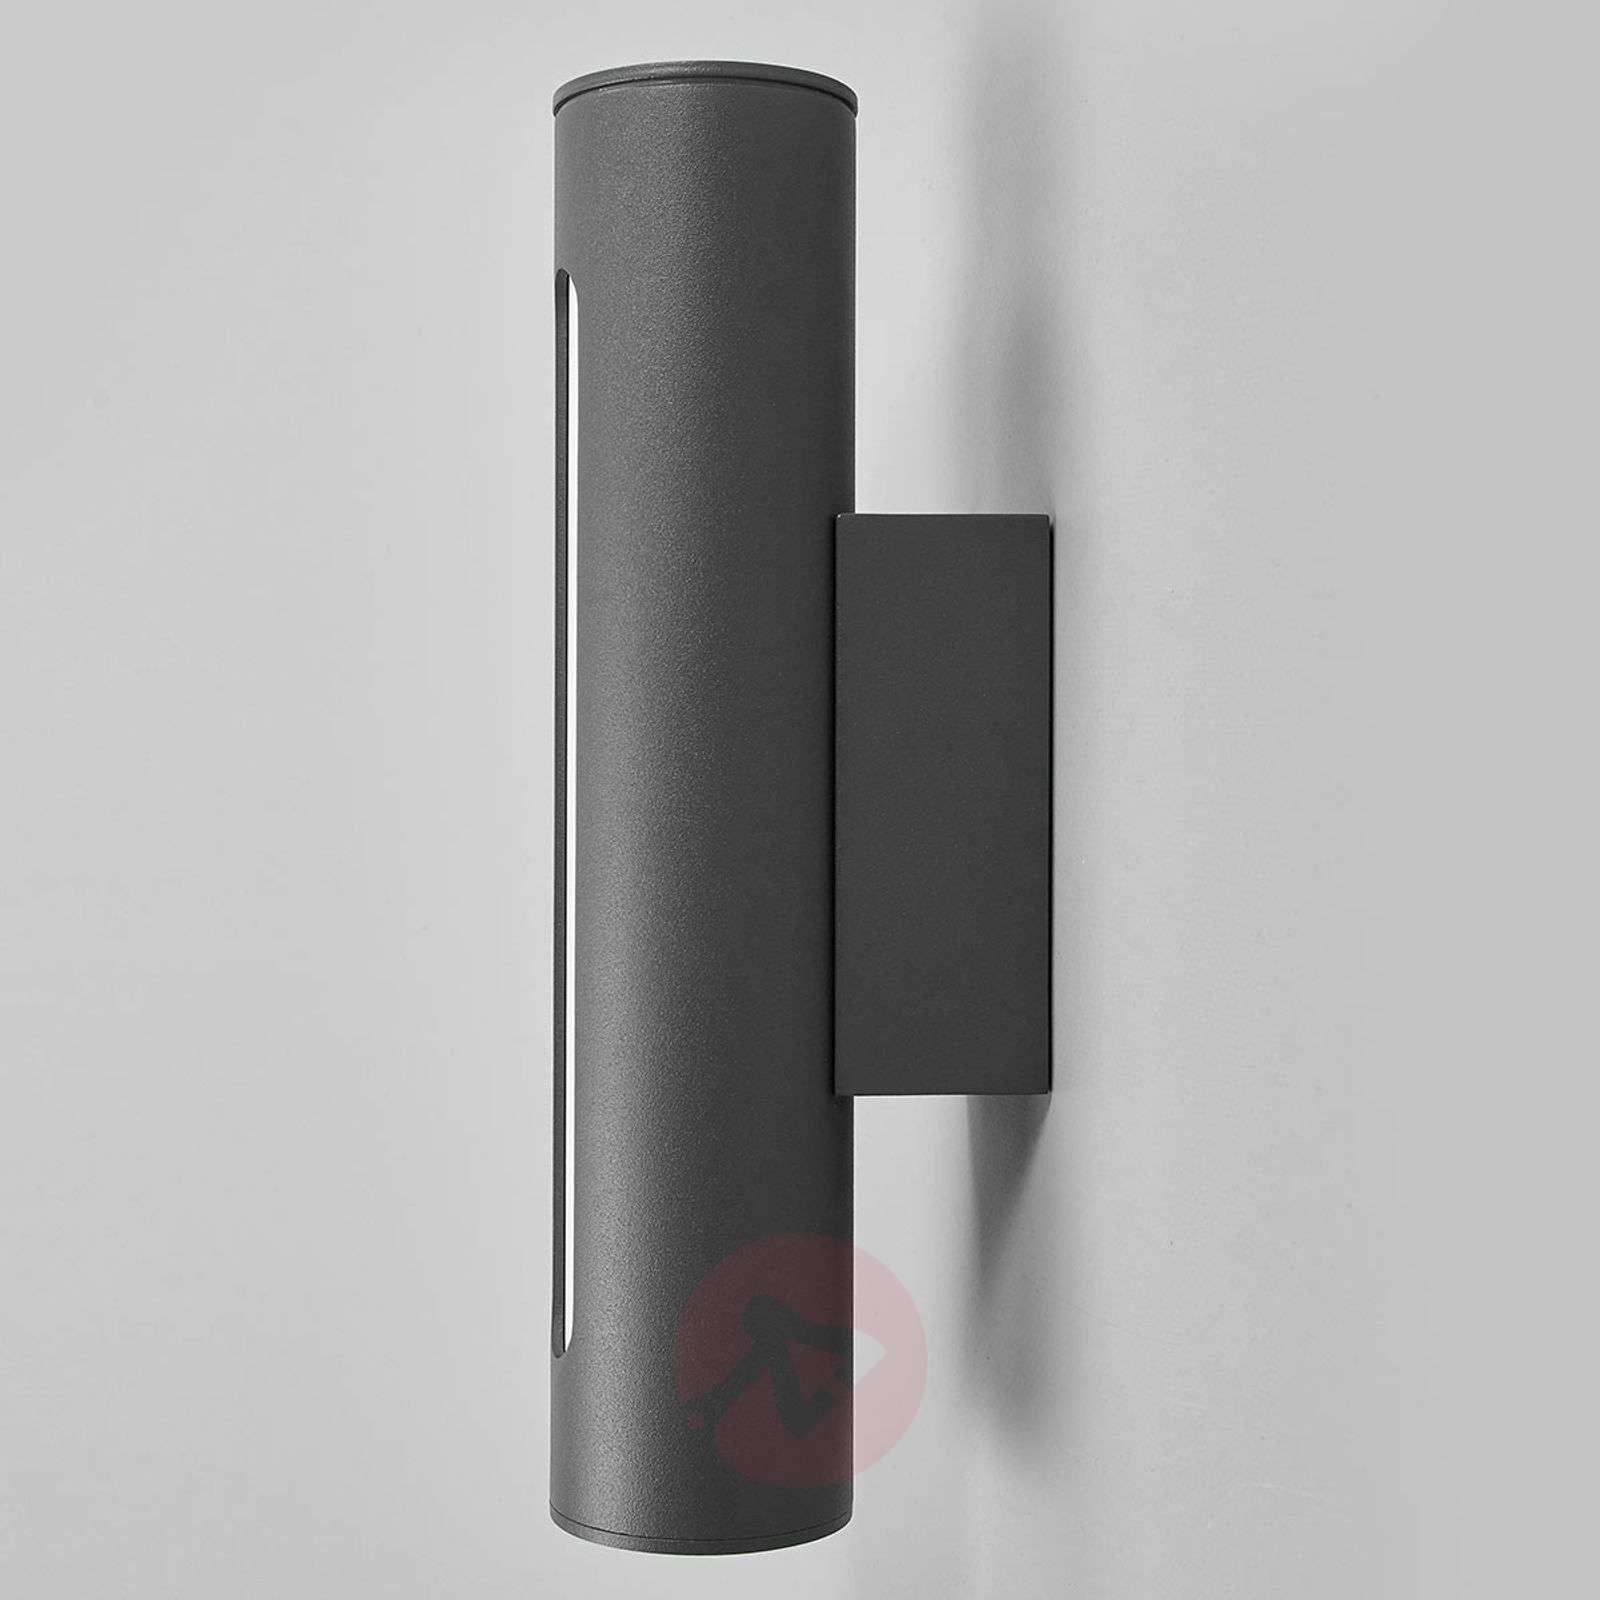 Tummanharmaa LED-ulkoseinävalaisin Tomas-9618125-02